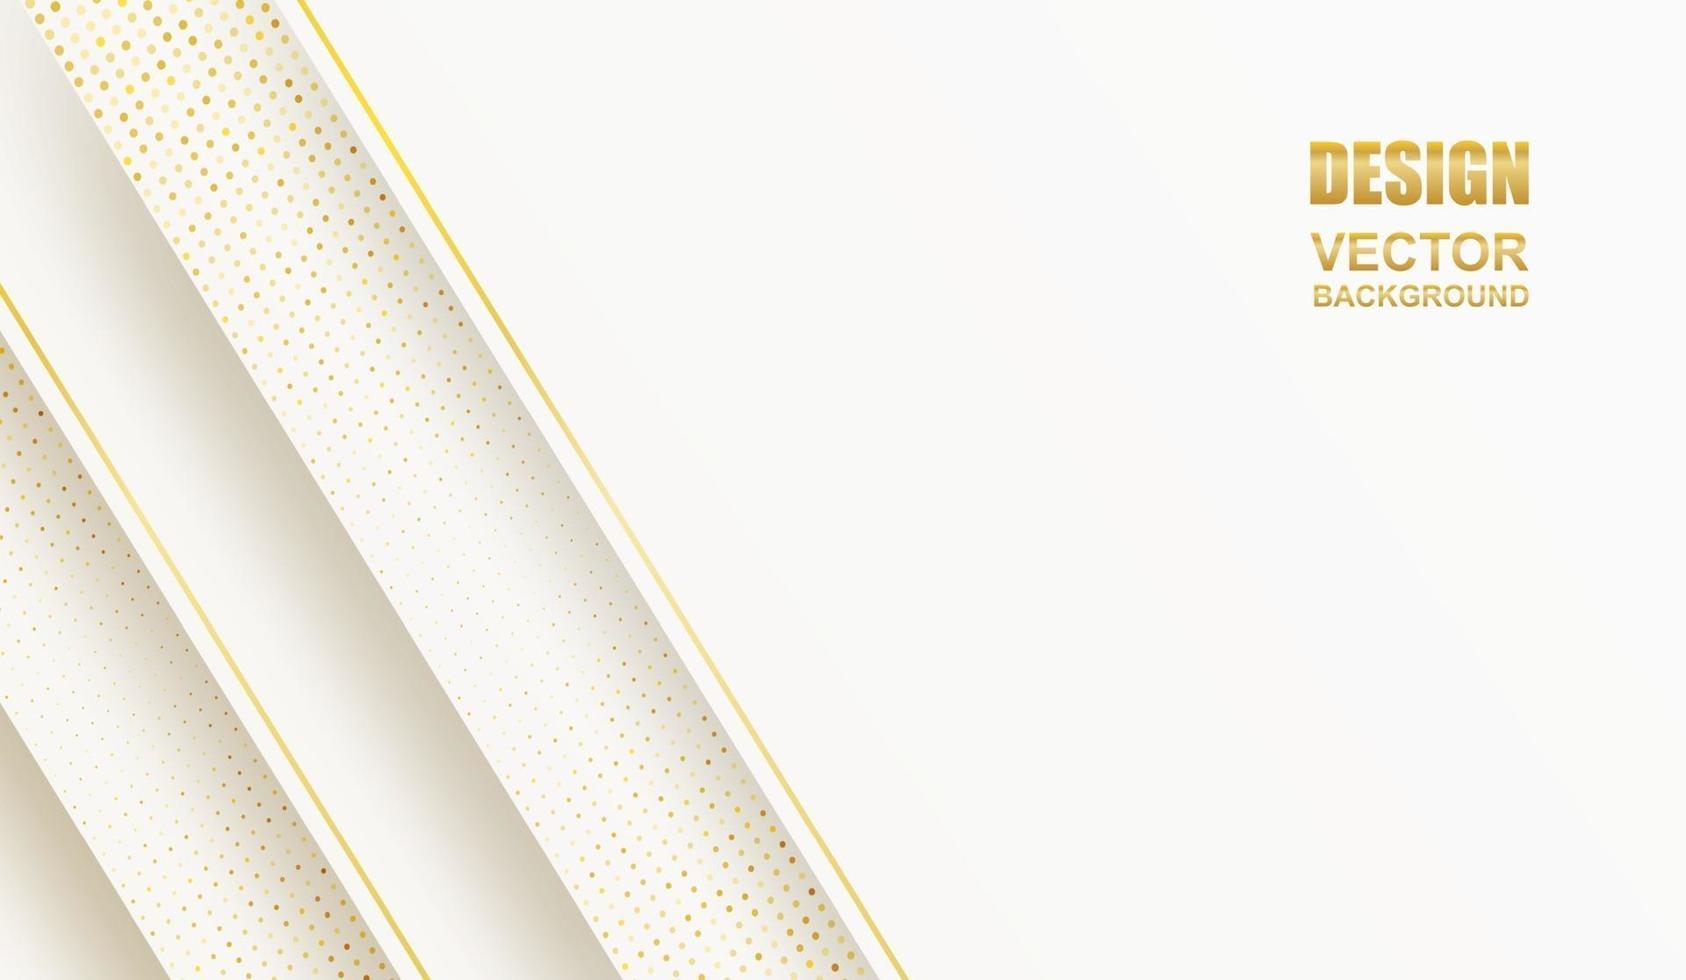 abstrakt. geometrisk form vit-guld bakgrund. ljus och skugga .vektor. vektor